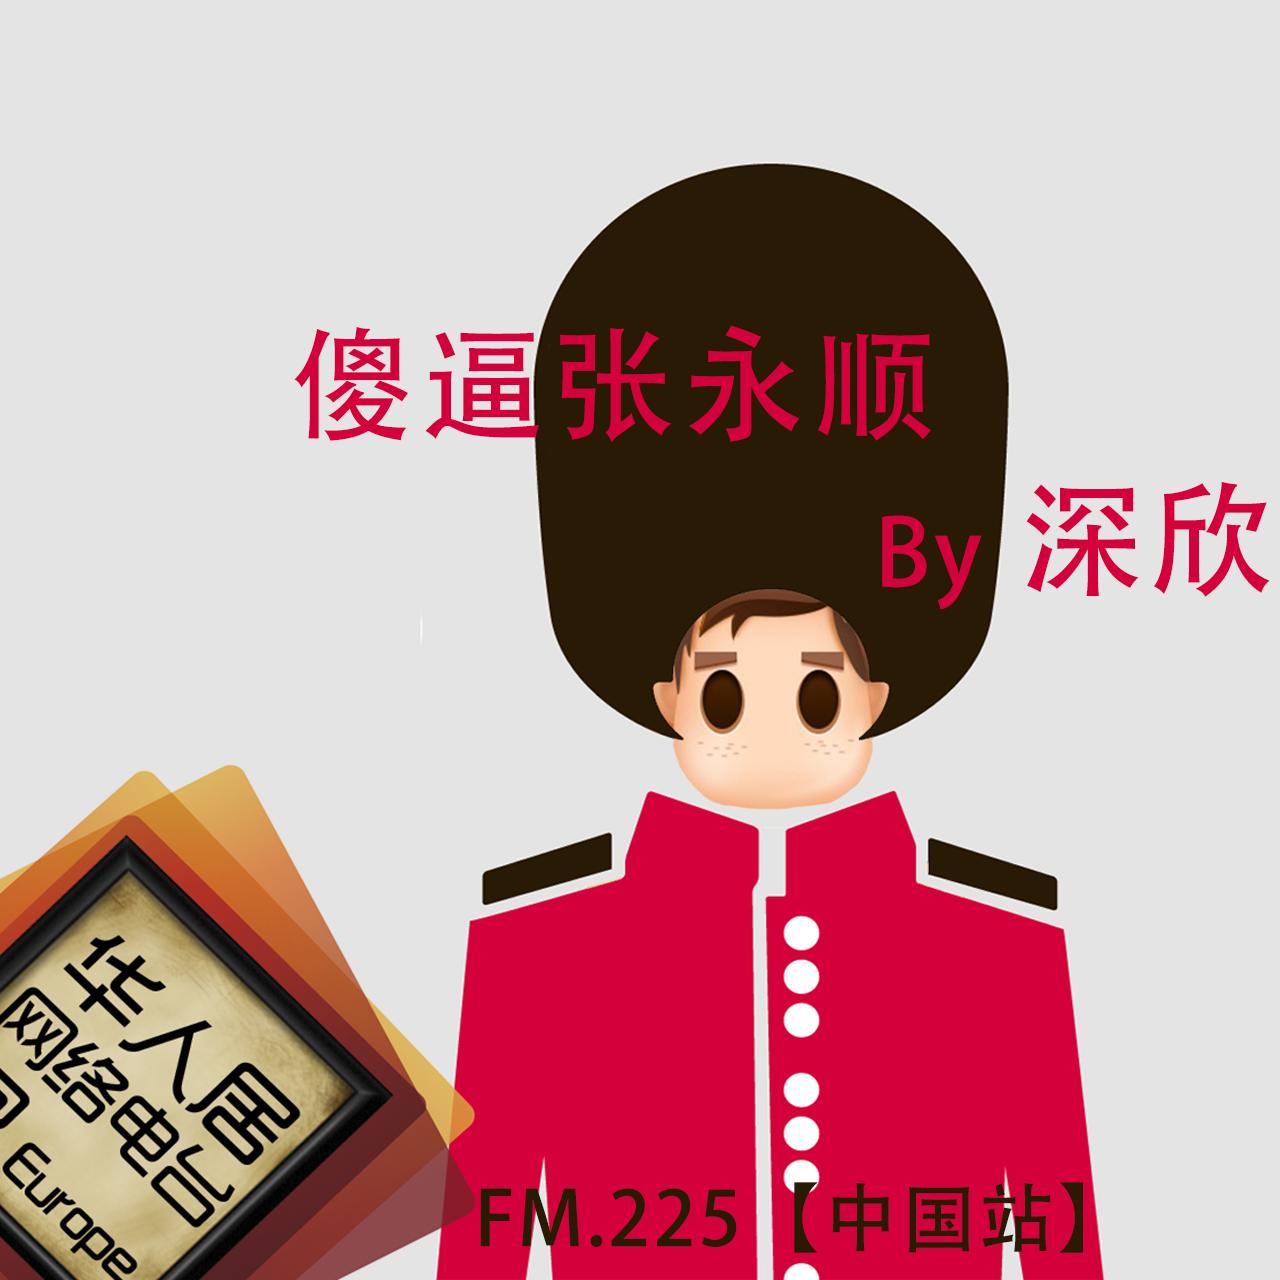 电台nj_FM.225【中国站】傻逼张永顺 – 华人居@